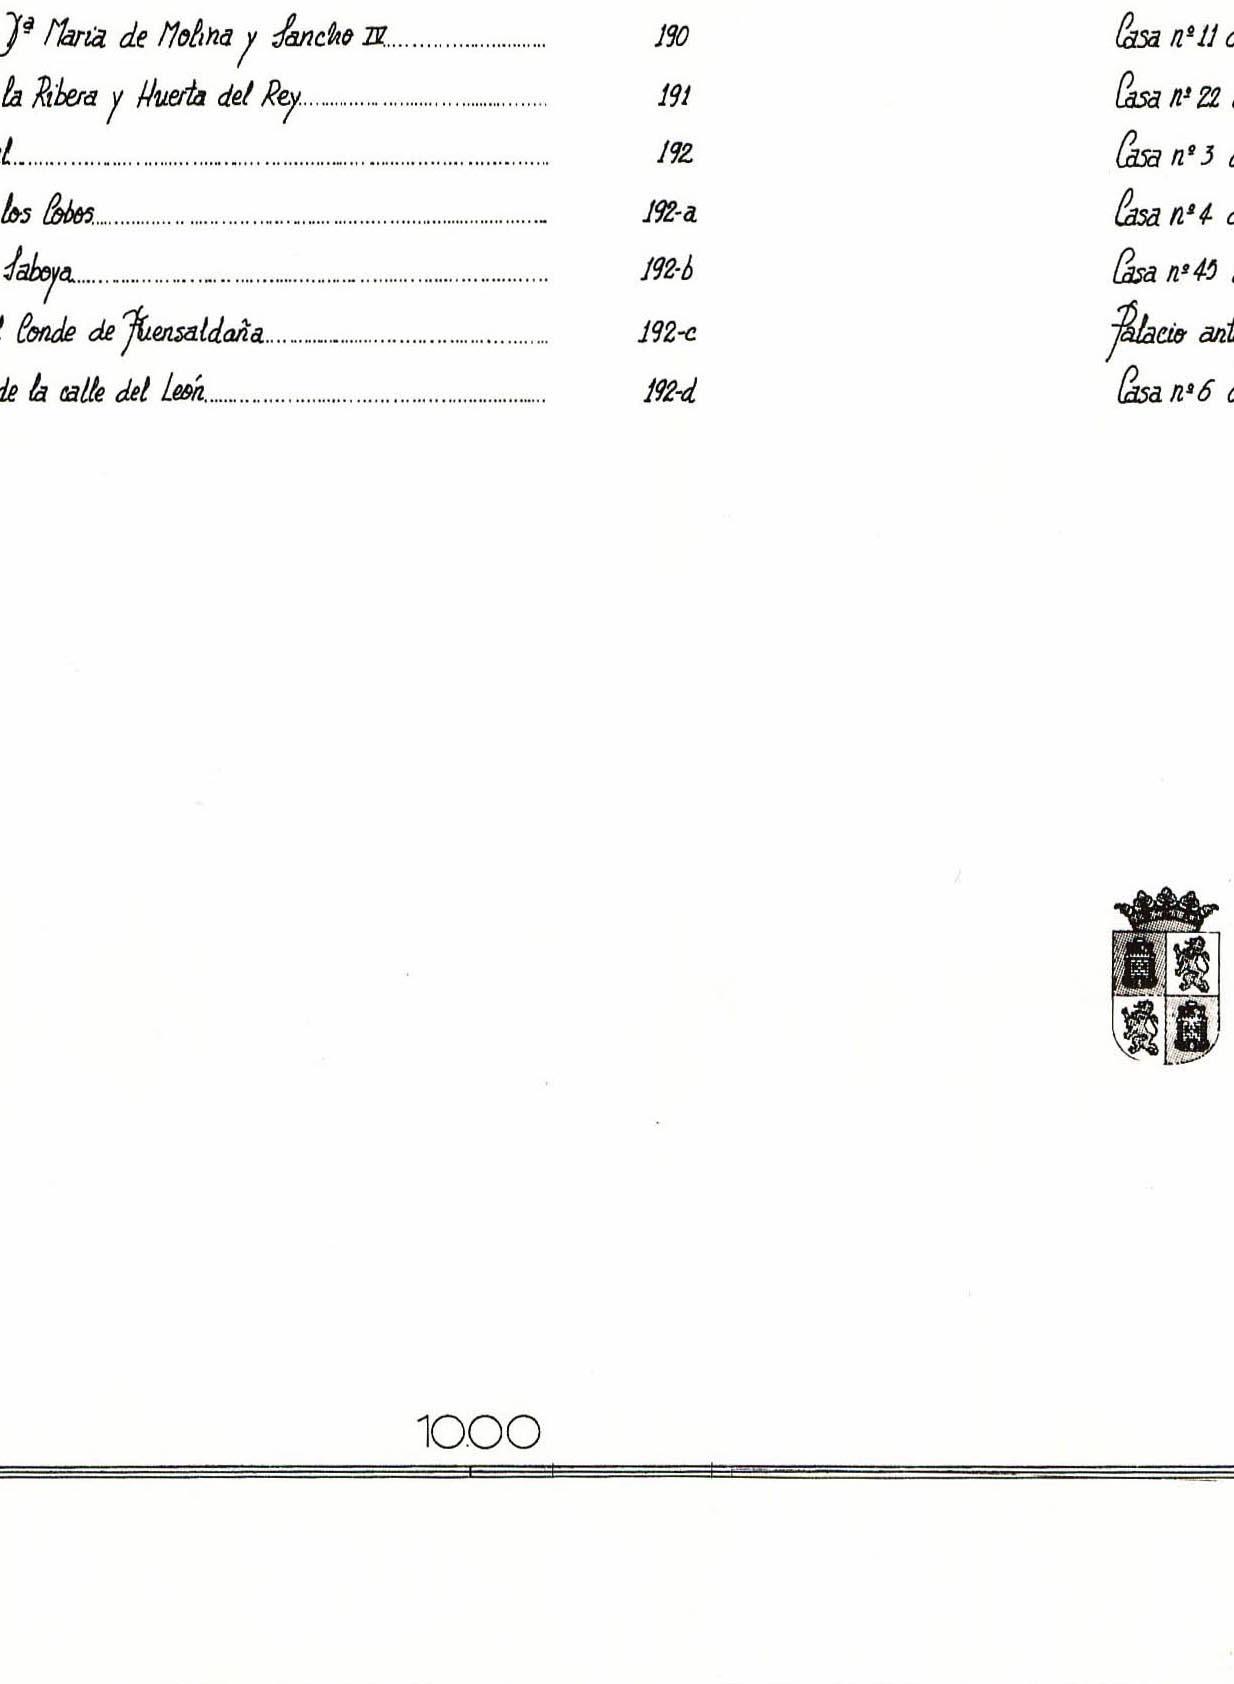 danielvillalobos-valladolid-blueprints-renaissance-j.9